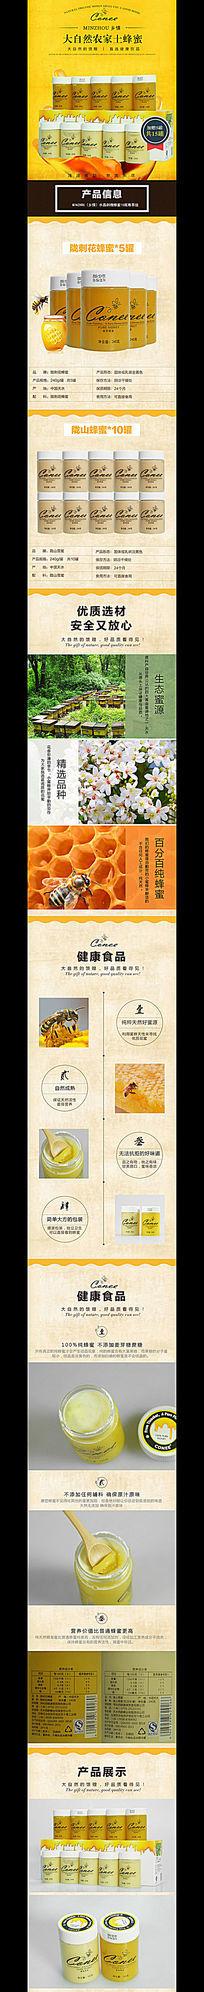 淘宝天猫农家土蜂蜜详情页